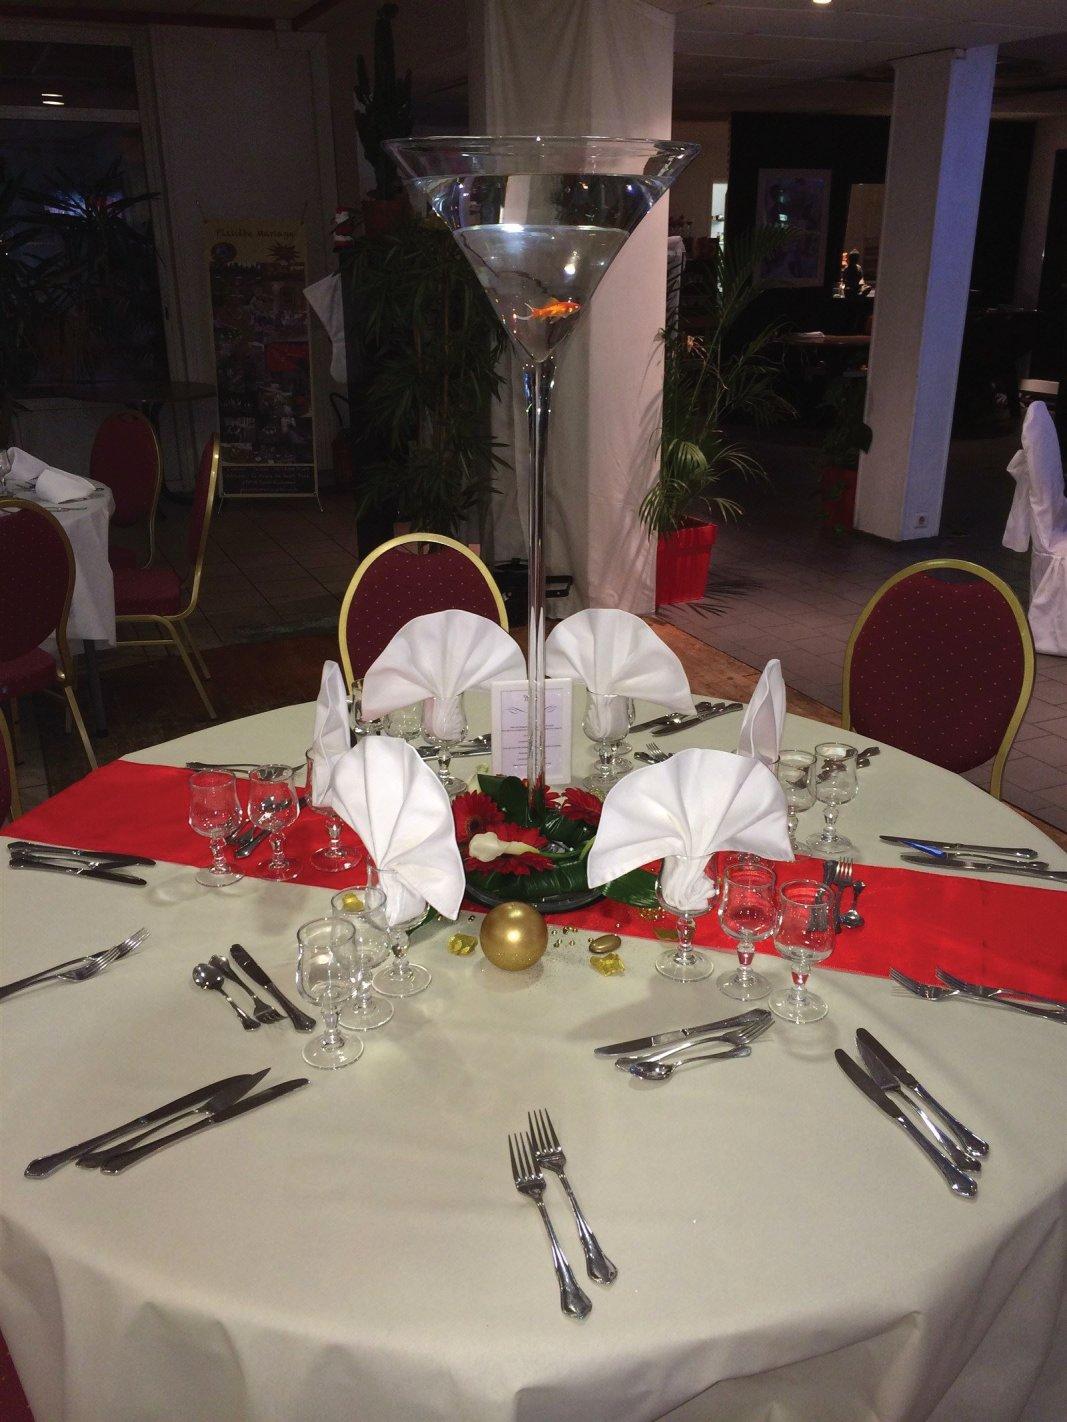 Coupe Martini Ht 90 cm, poissons rouges, couronne de fleurs fraîches